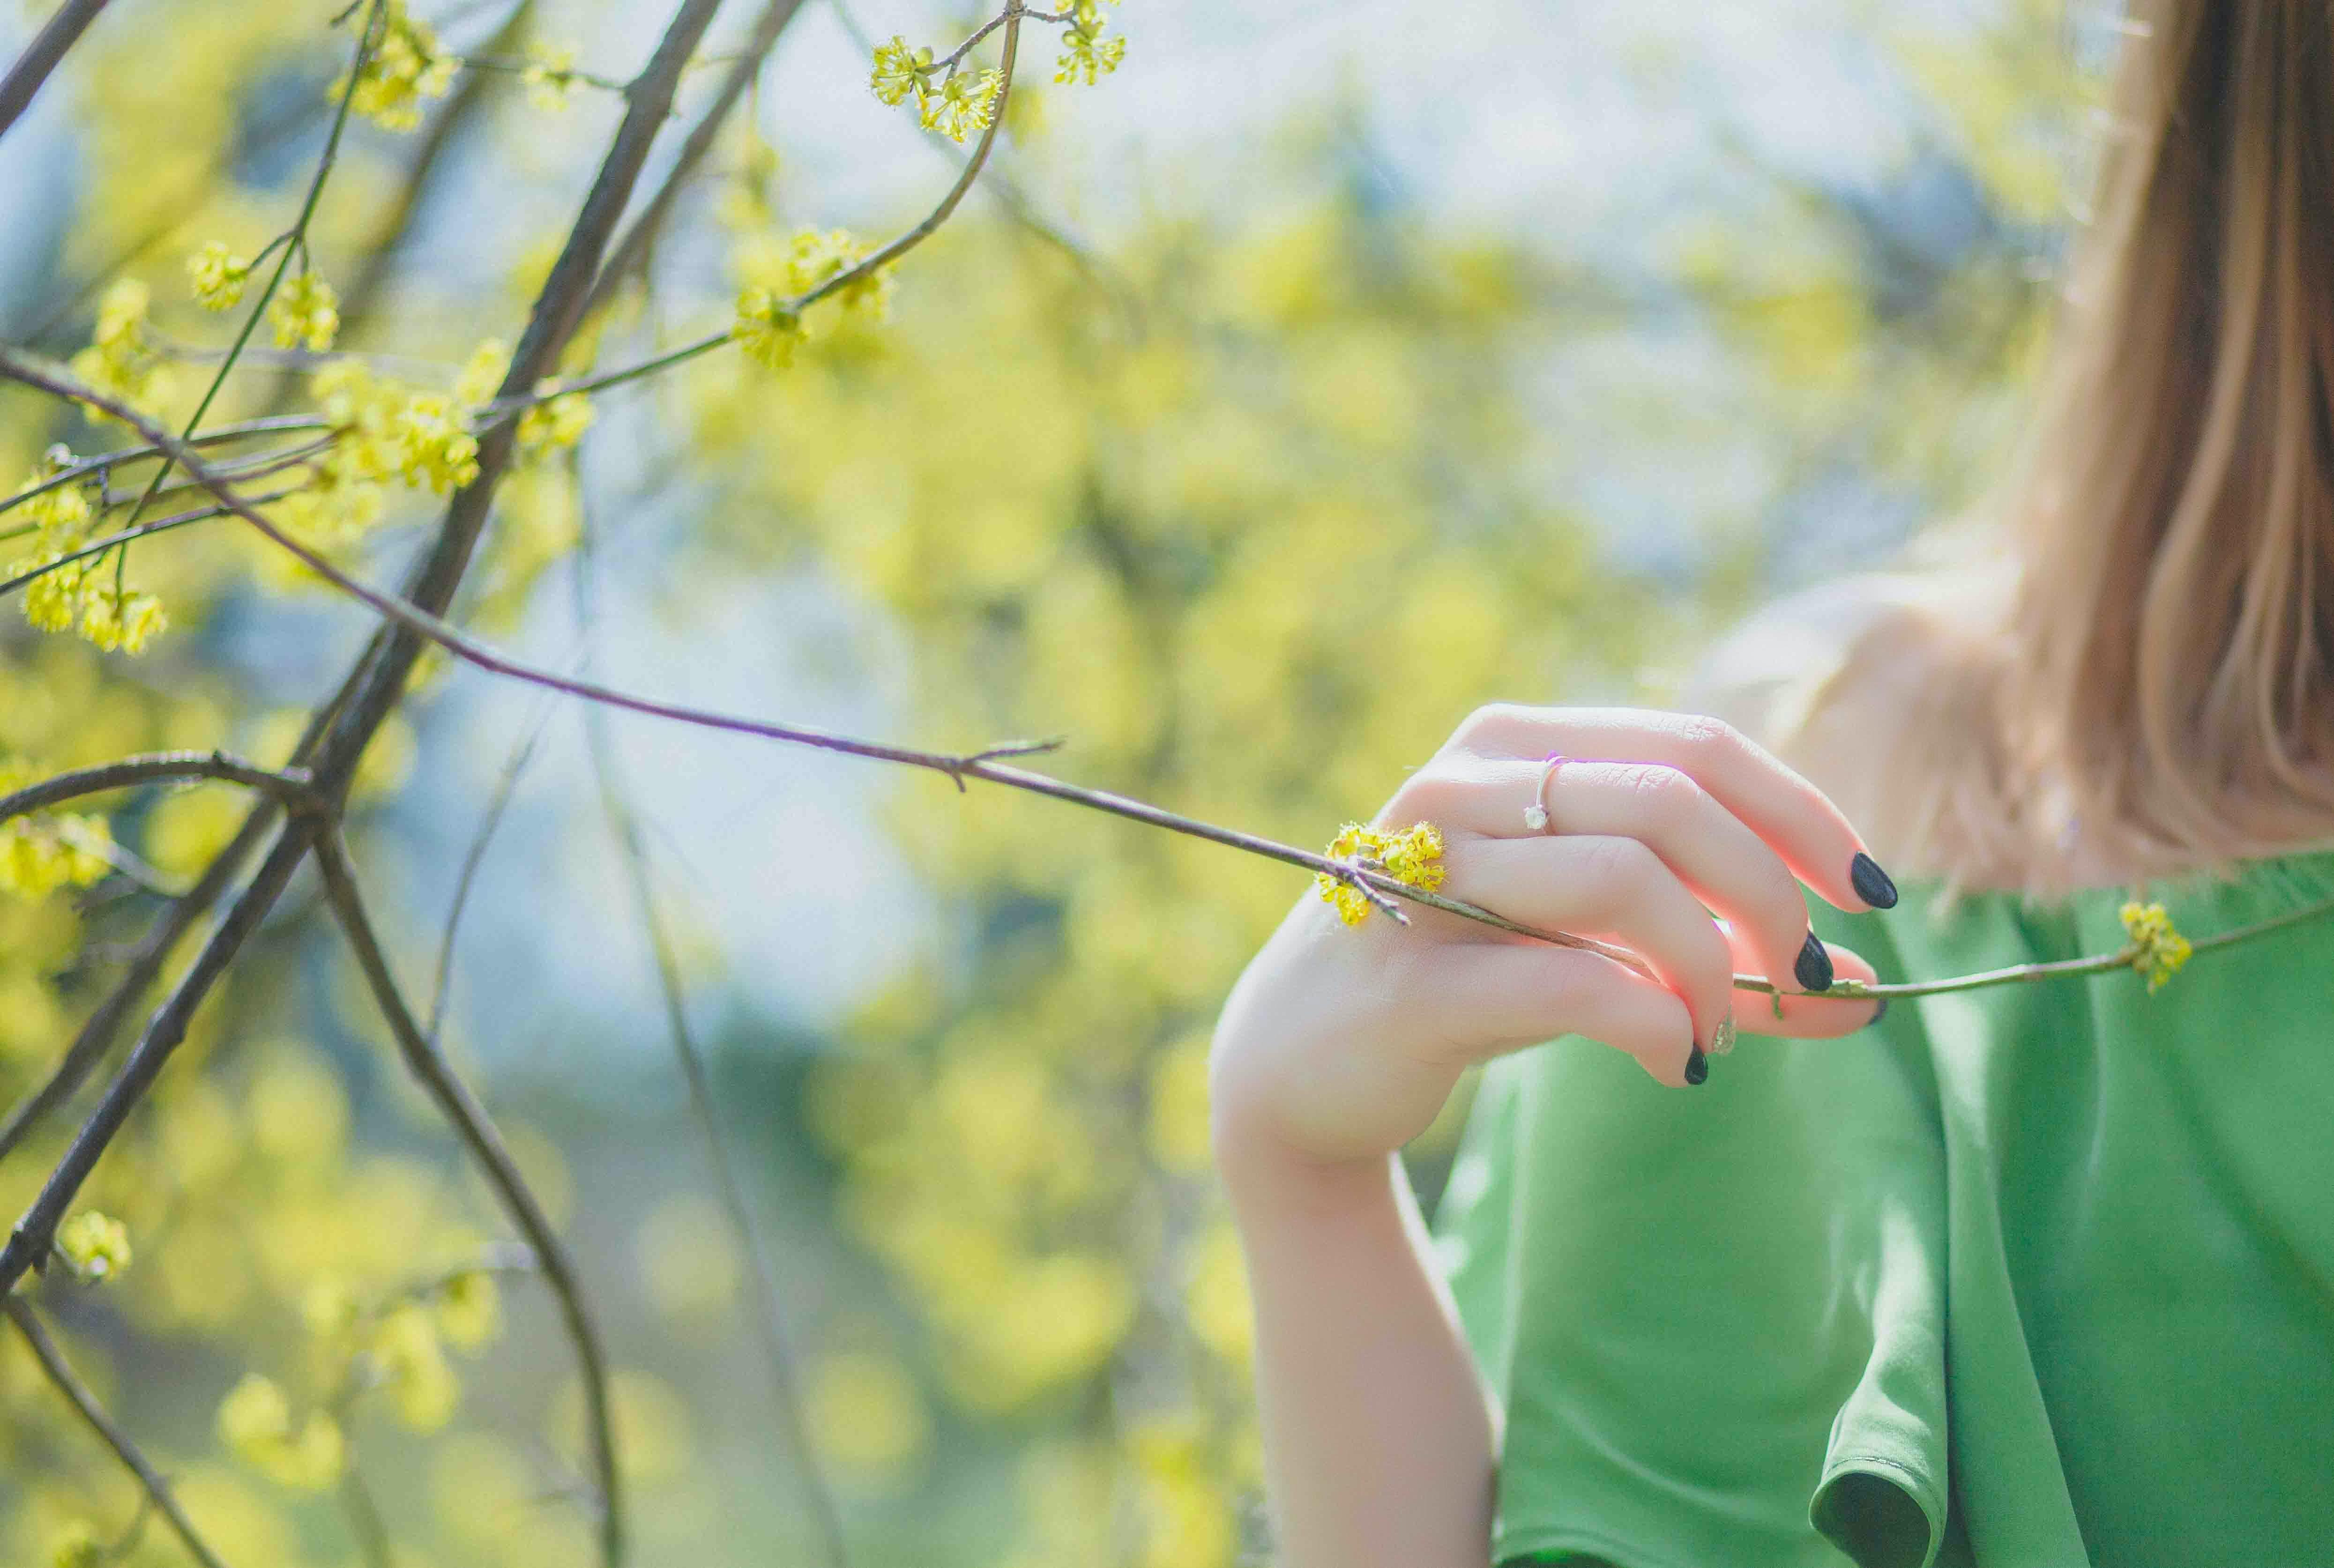 Gratis lagerfoto af blomster, gren, gule blomster, hånd